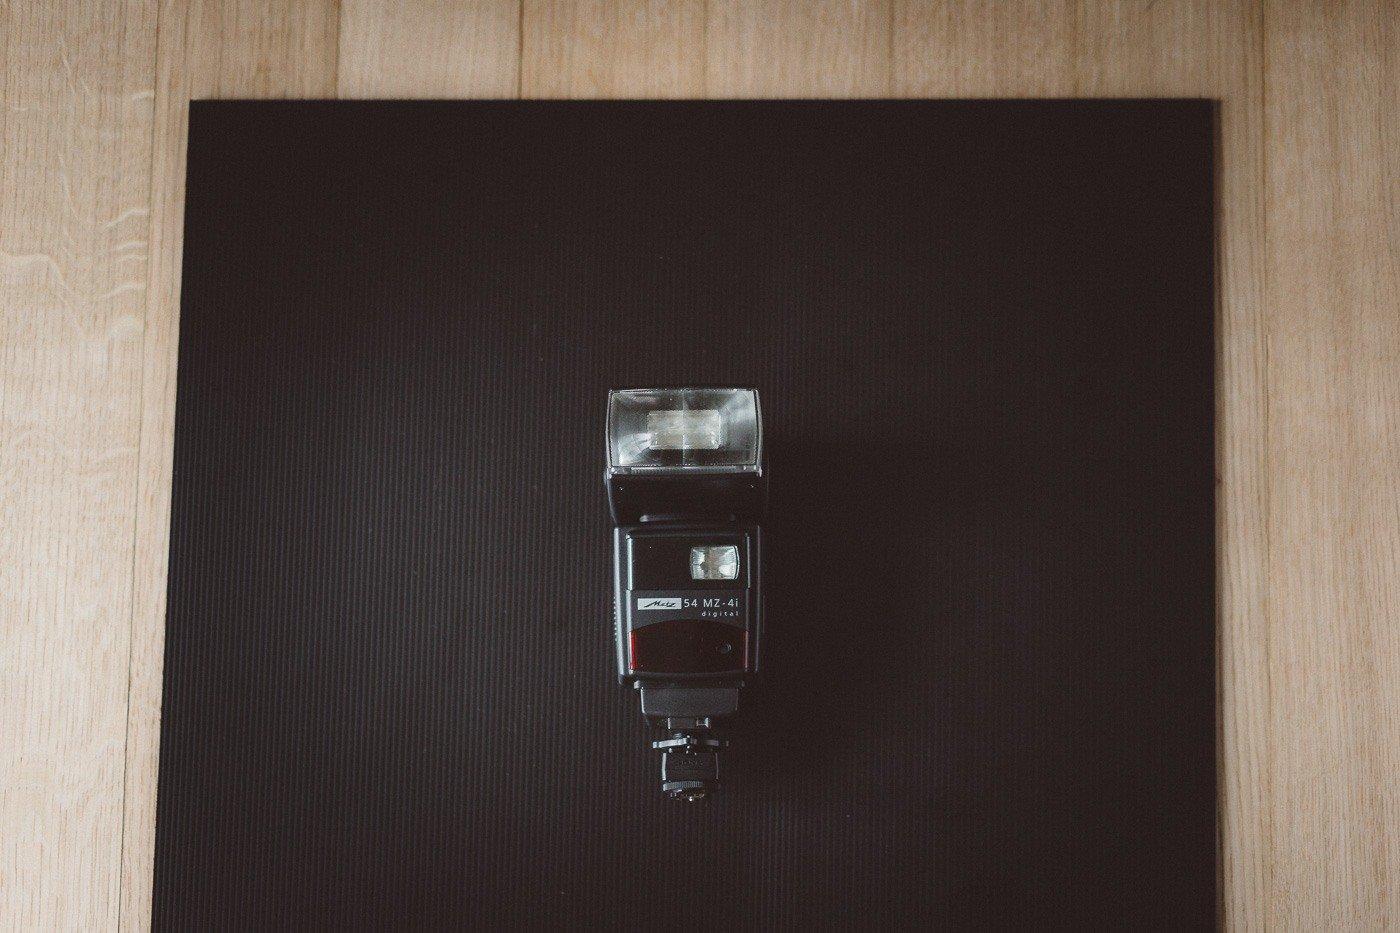 02-speedlight-grid-tutorial